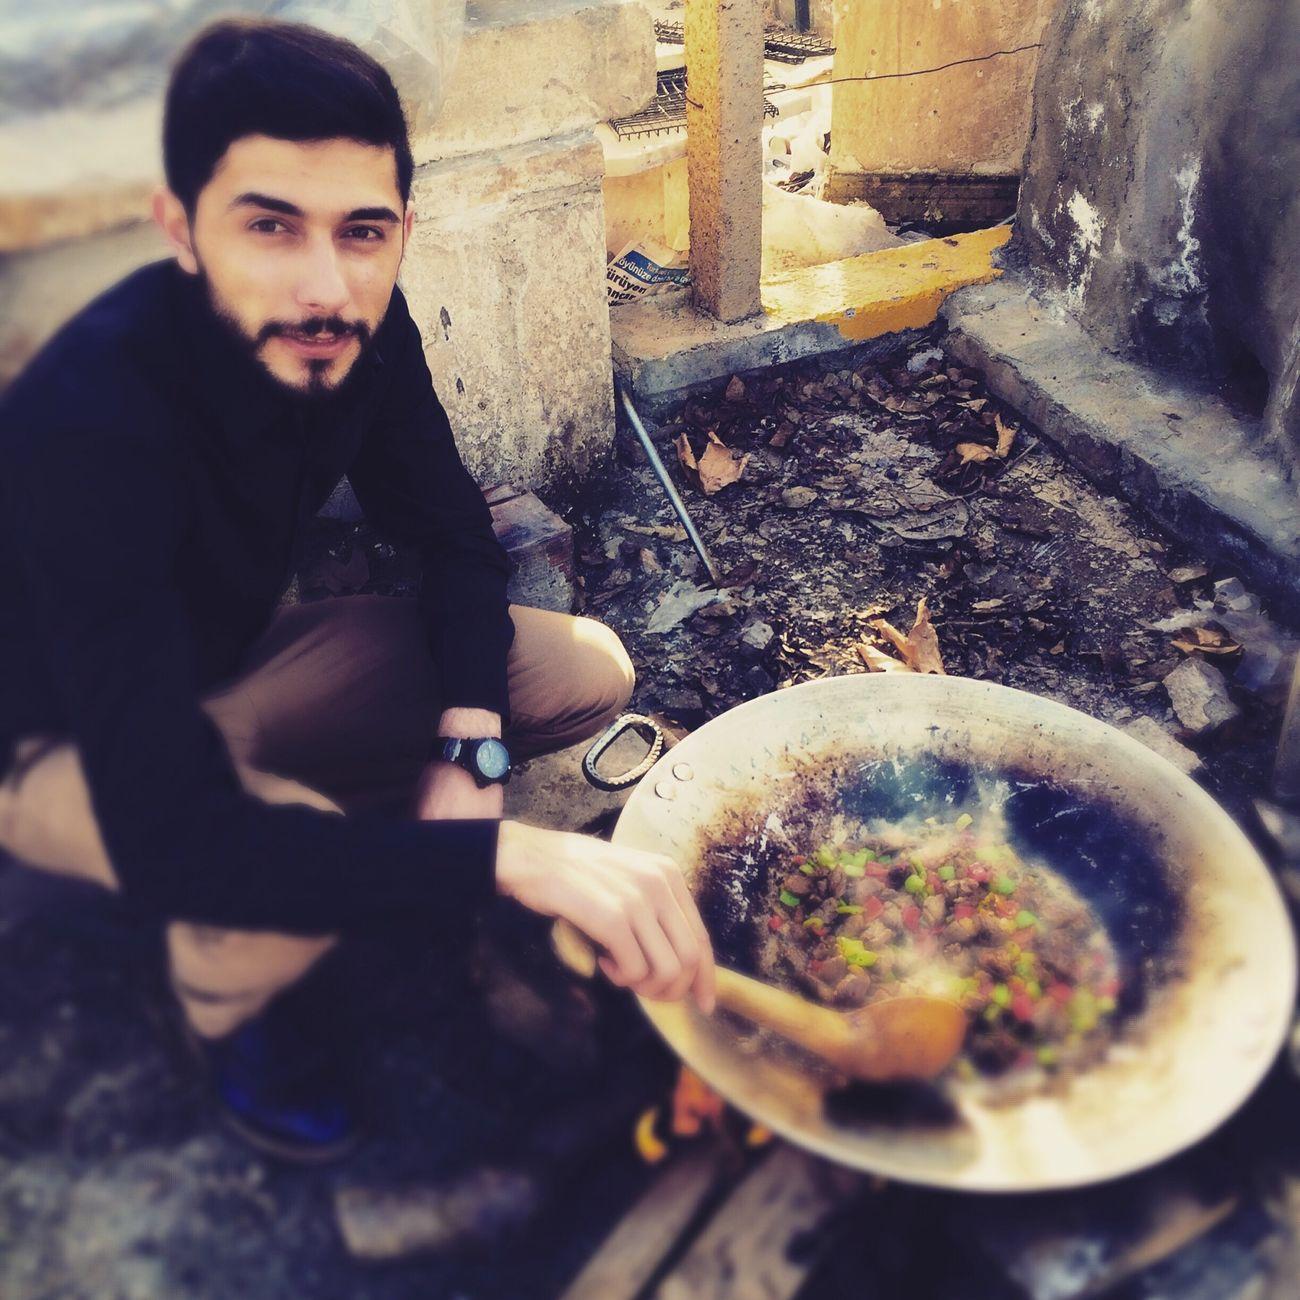 Sactava Yemek Bagevi EyeEm Mardin Diyarbakır Love Beautiful Mutlu